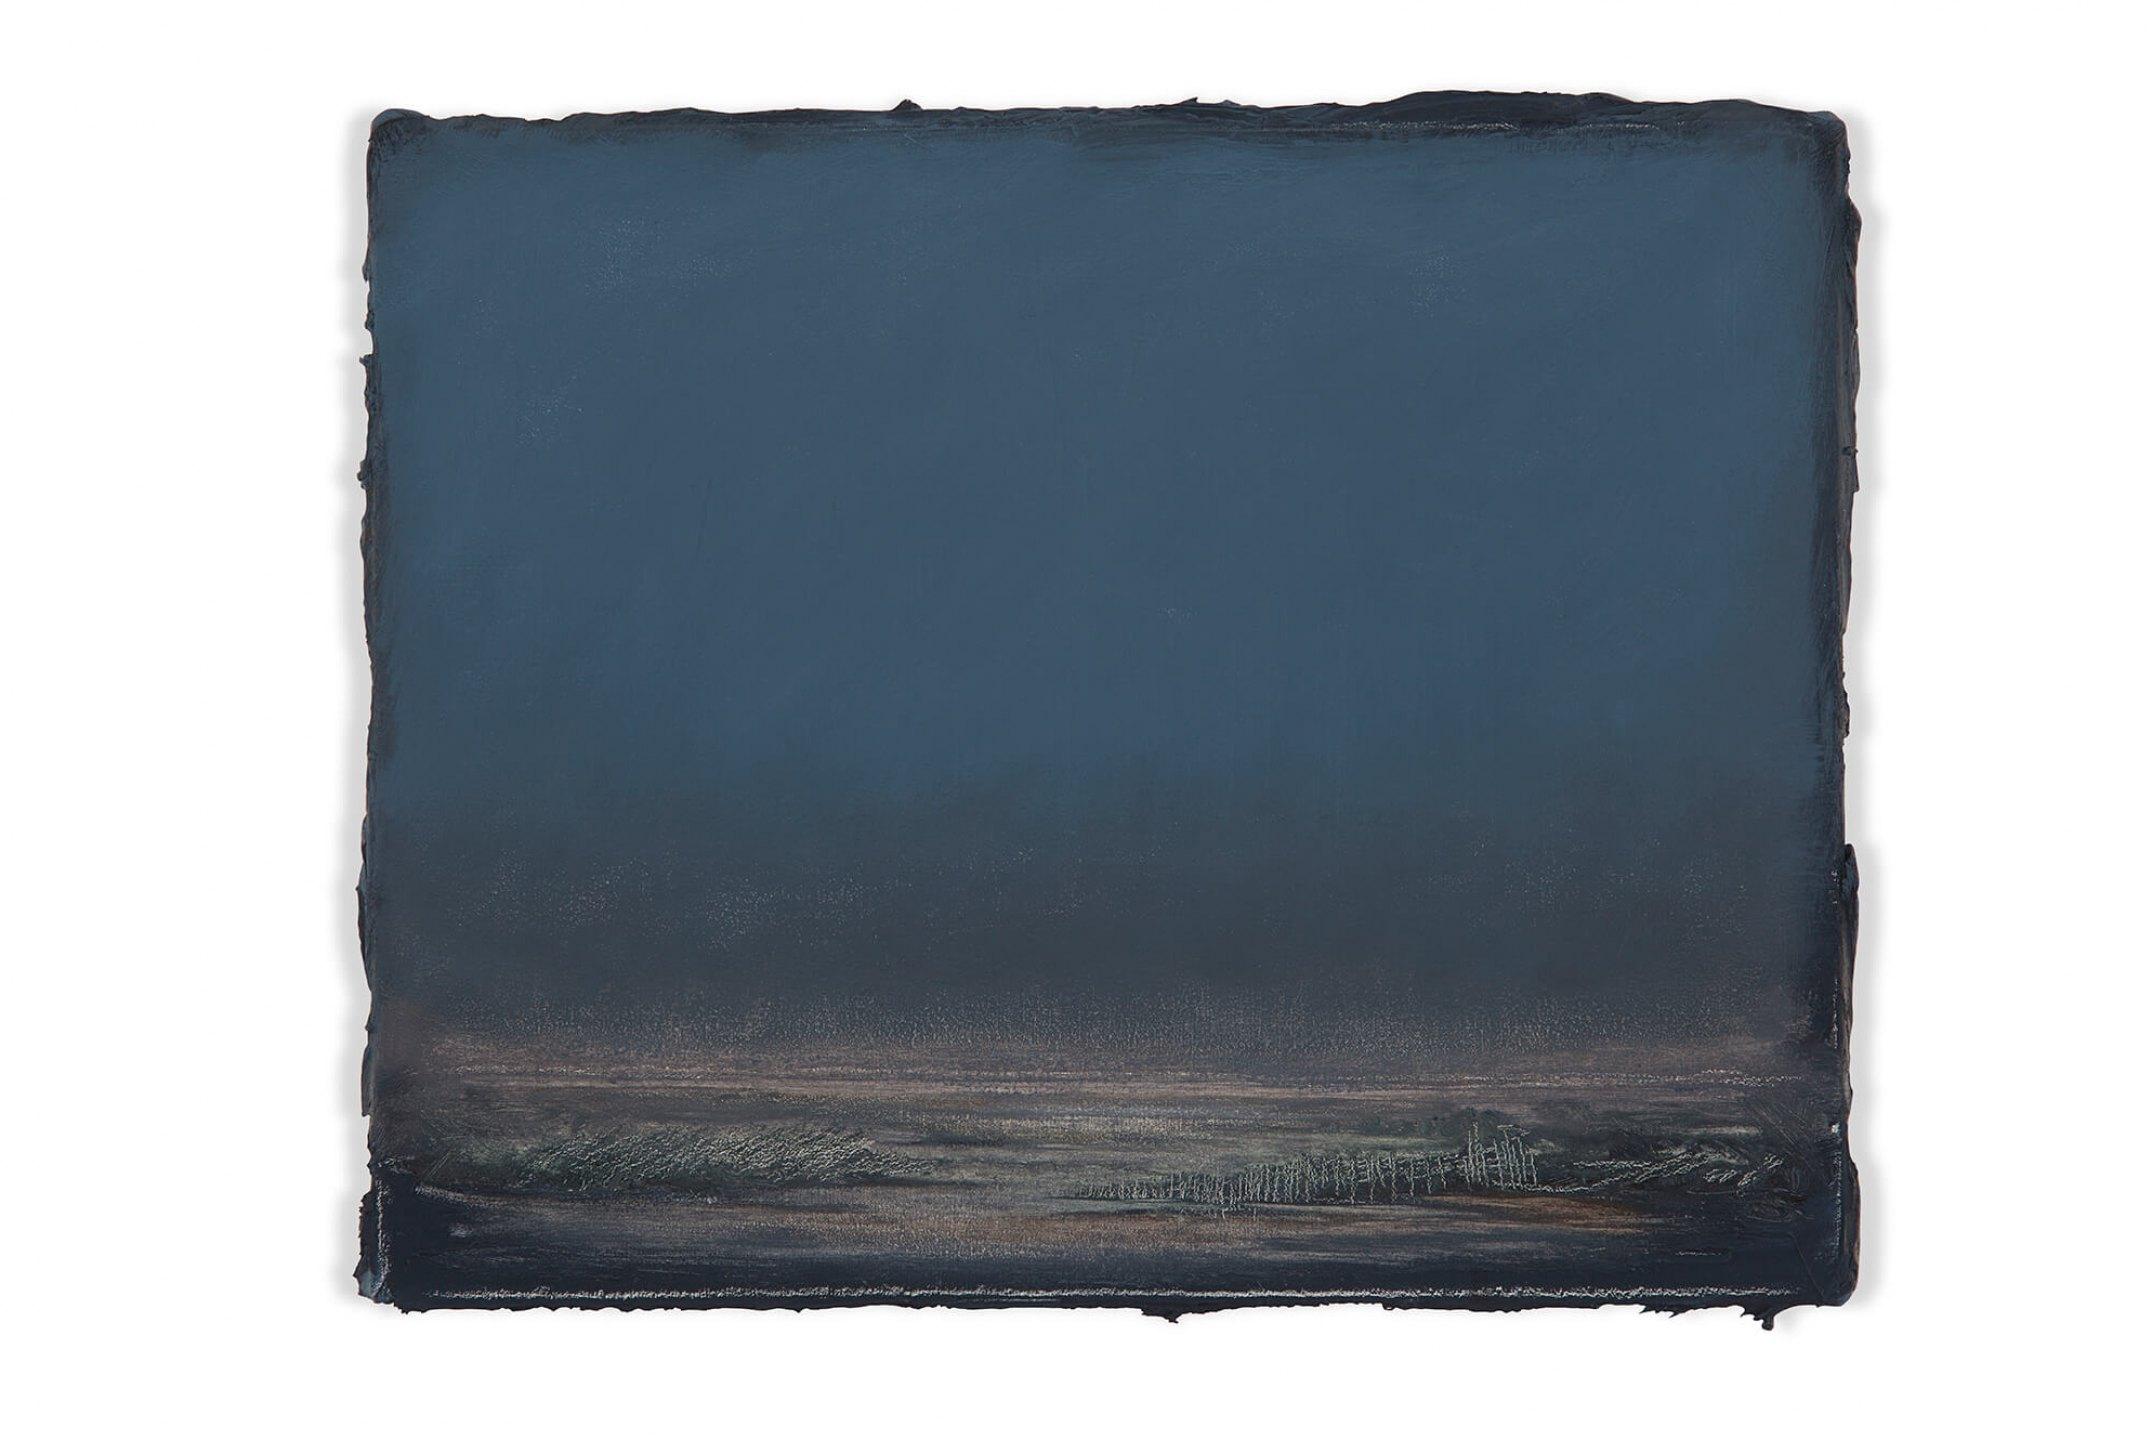 Lucas Arruda,&nbsp;<em>untitled</em>, 2014, oil on canvas, 25,5 × 31 cm - Mendes Wood DM